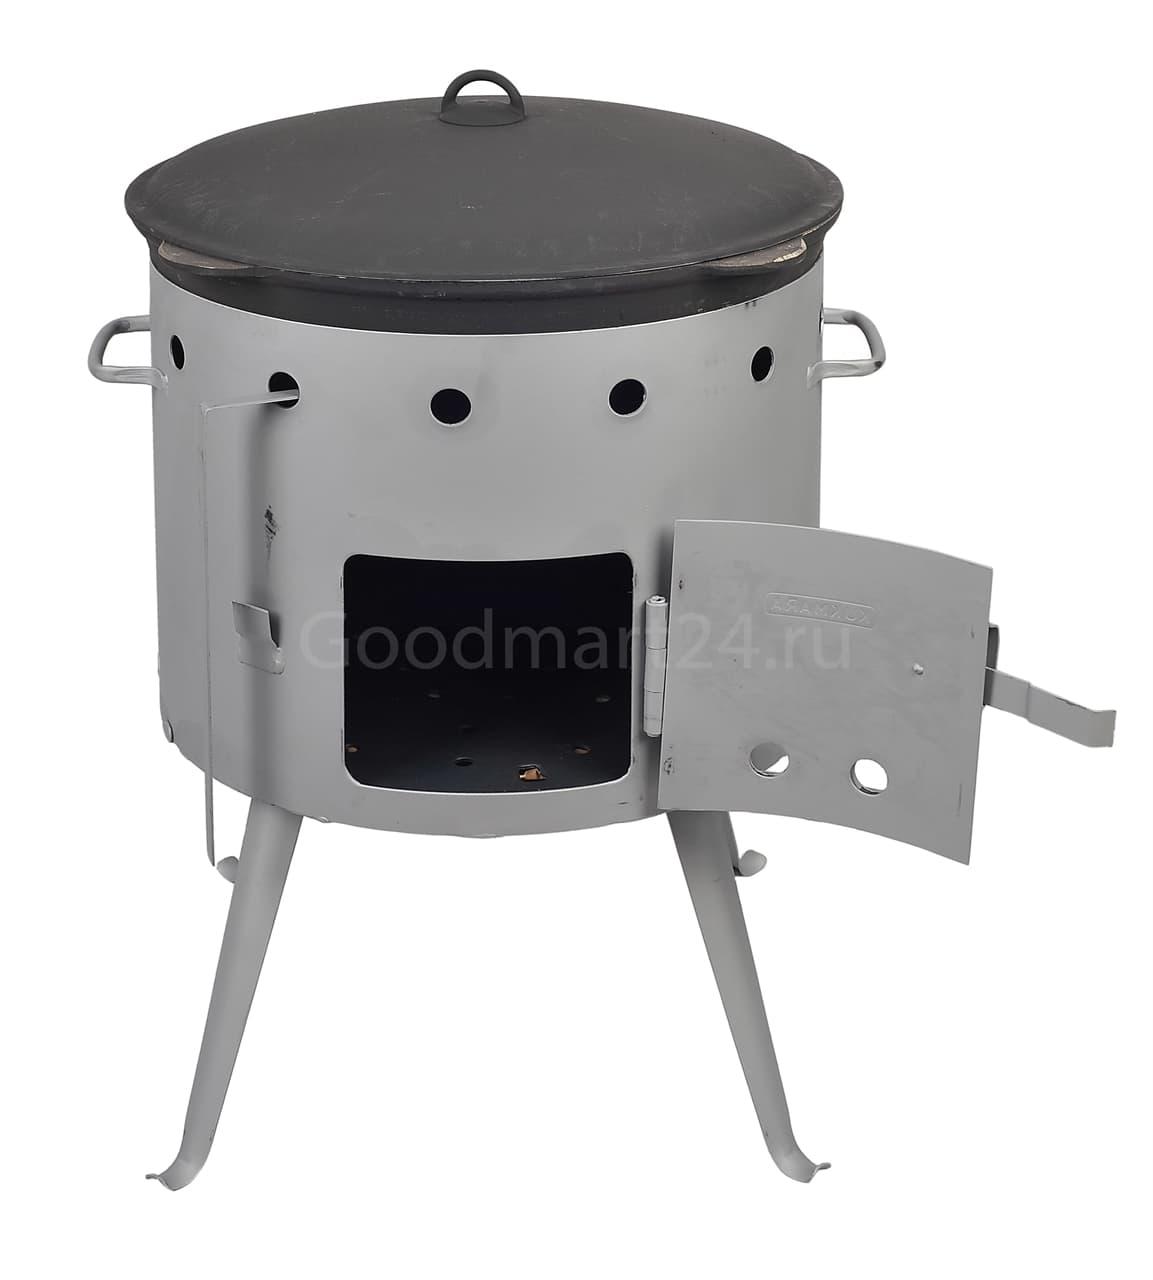 чугунный казан с крышкой 12 л. балезино и печь kukmara купить